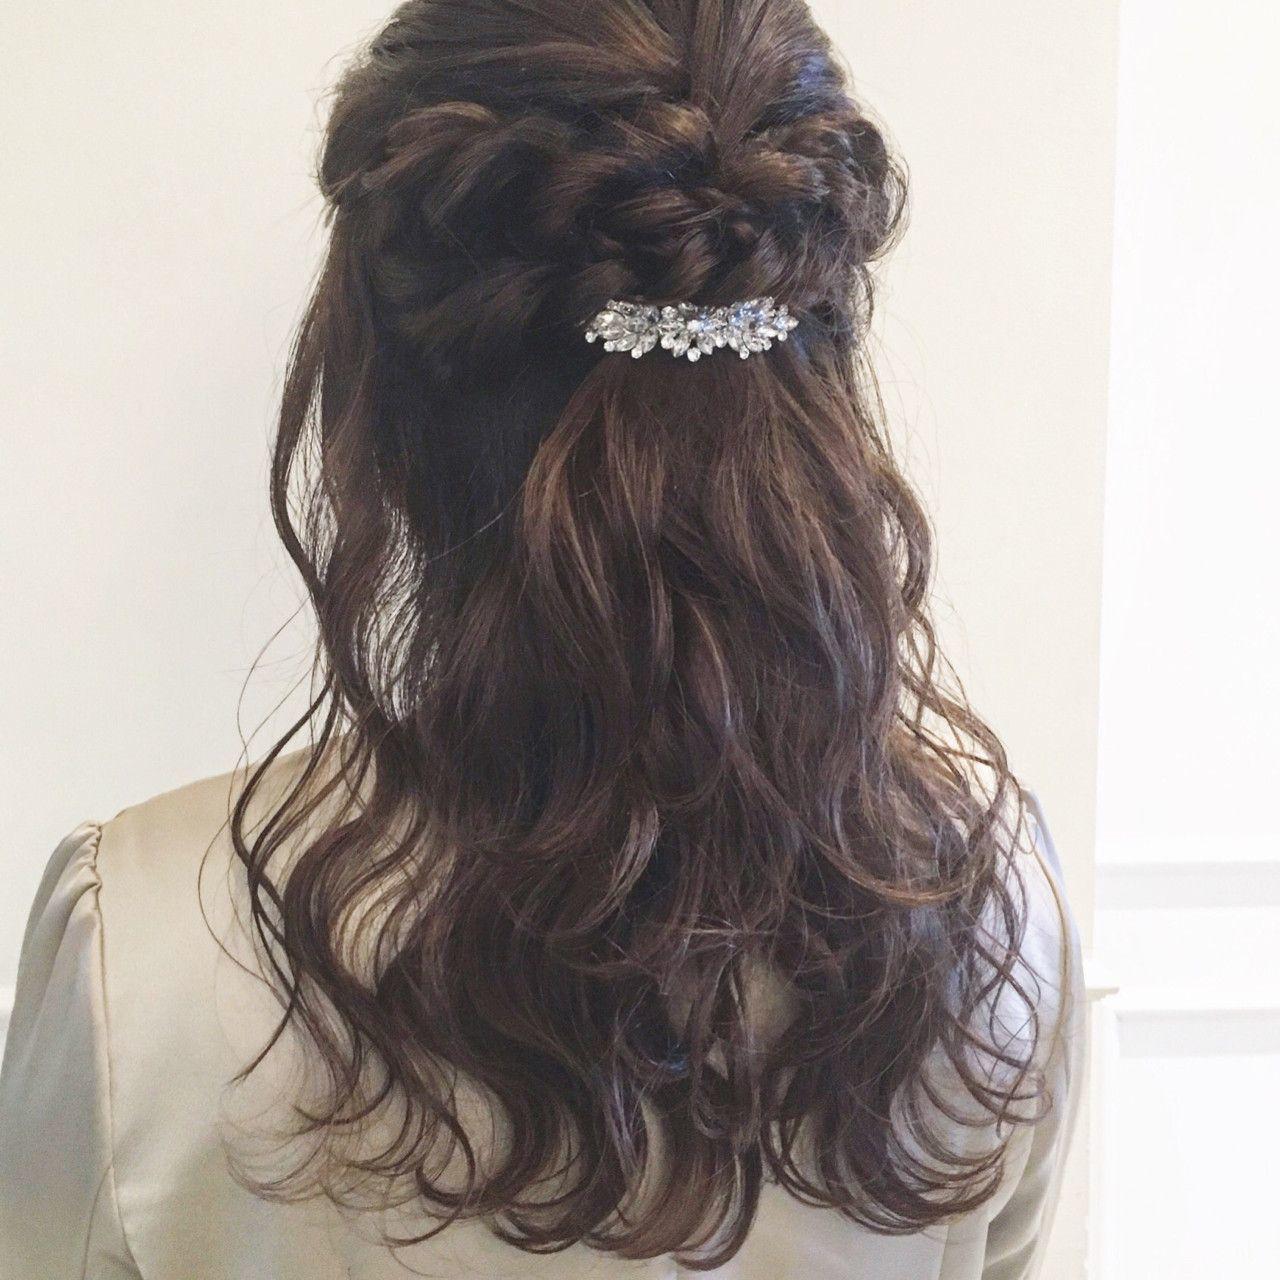 【編み込み】で今っぽヘアのできあがり♡簡単なやり方を徹底解説の6枚目の画像